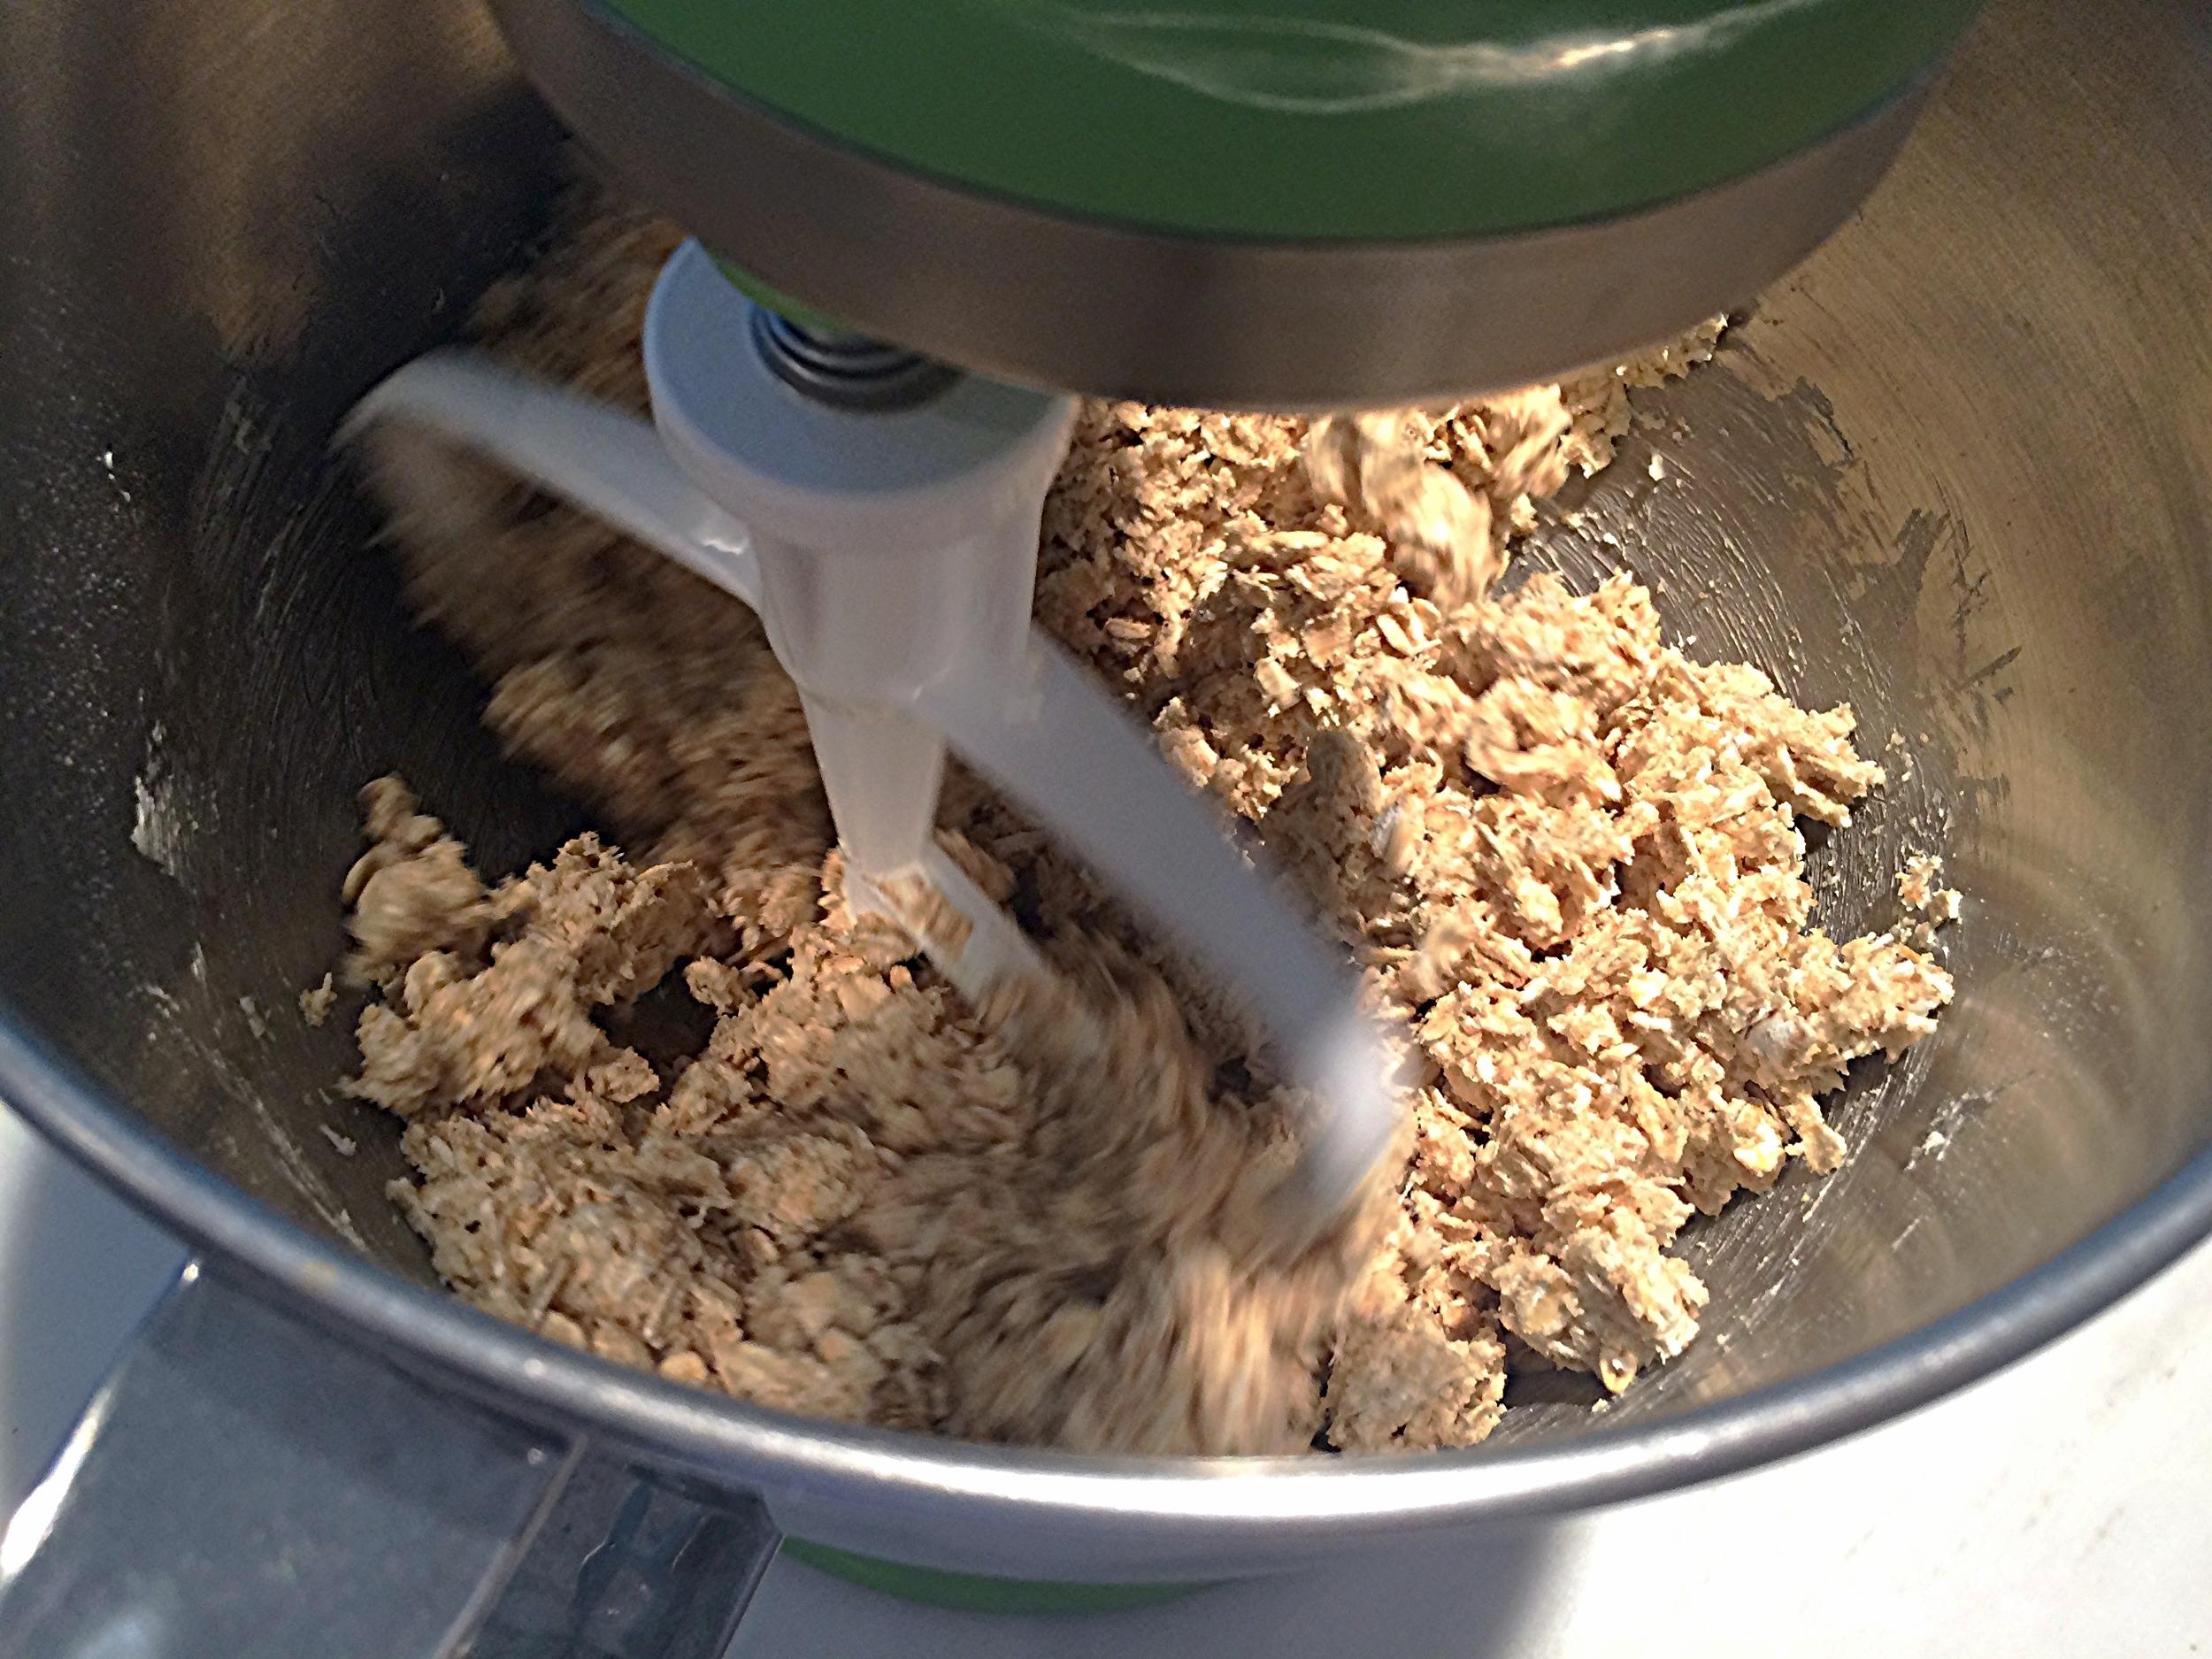 Misture bem até que tudo se incorpore direitinho. Adicione as gotas de chocolate e o sal e misture rapidamente pra distribuir na massa. Está pronto.